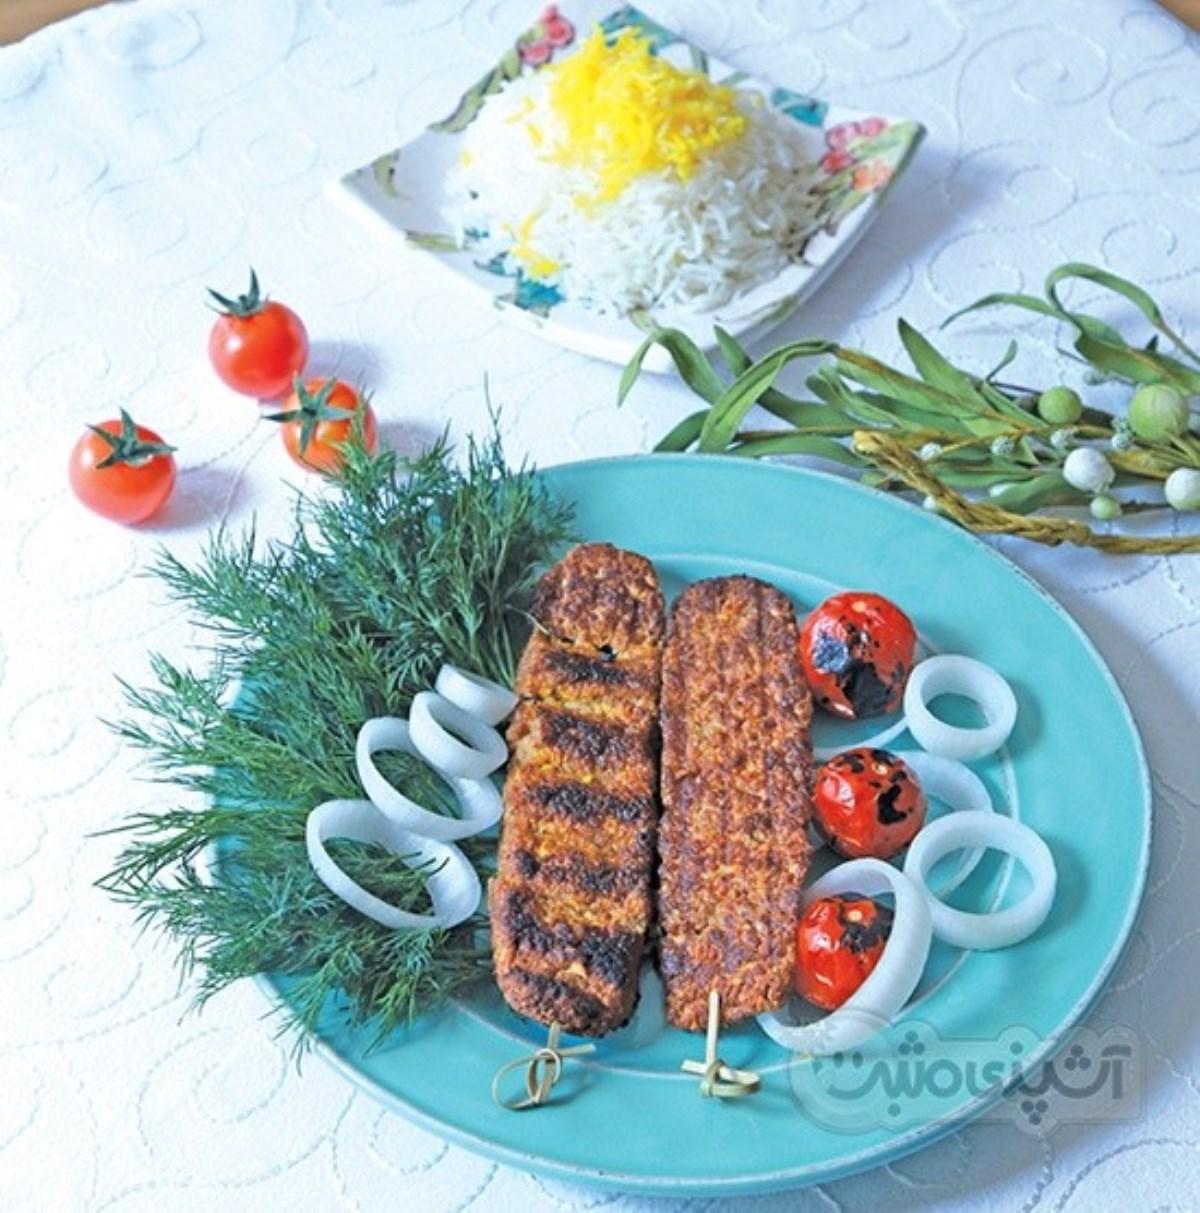 طرز تهیه کباب کوبیده گیاهی (غذای رژیمی)